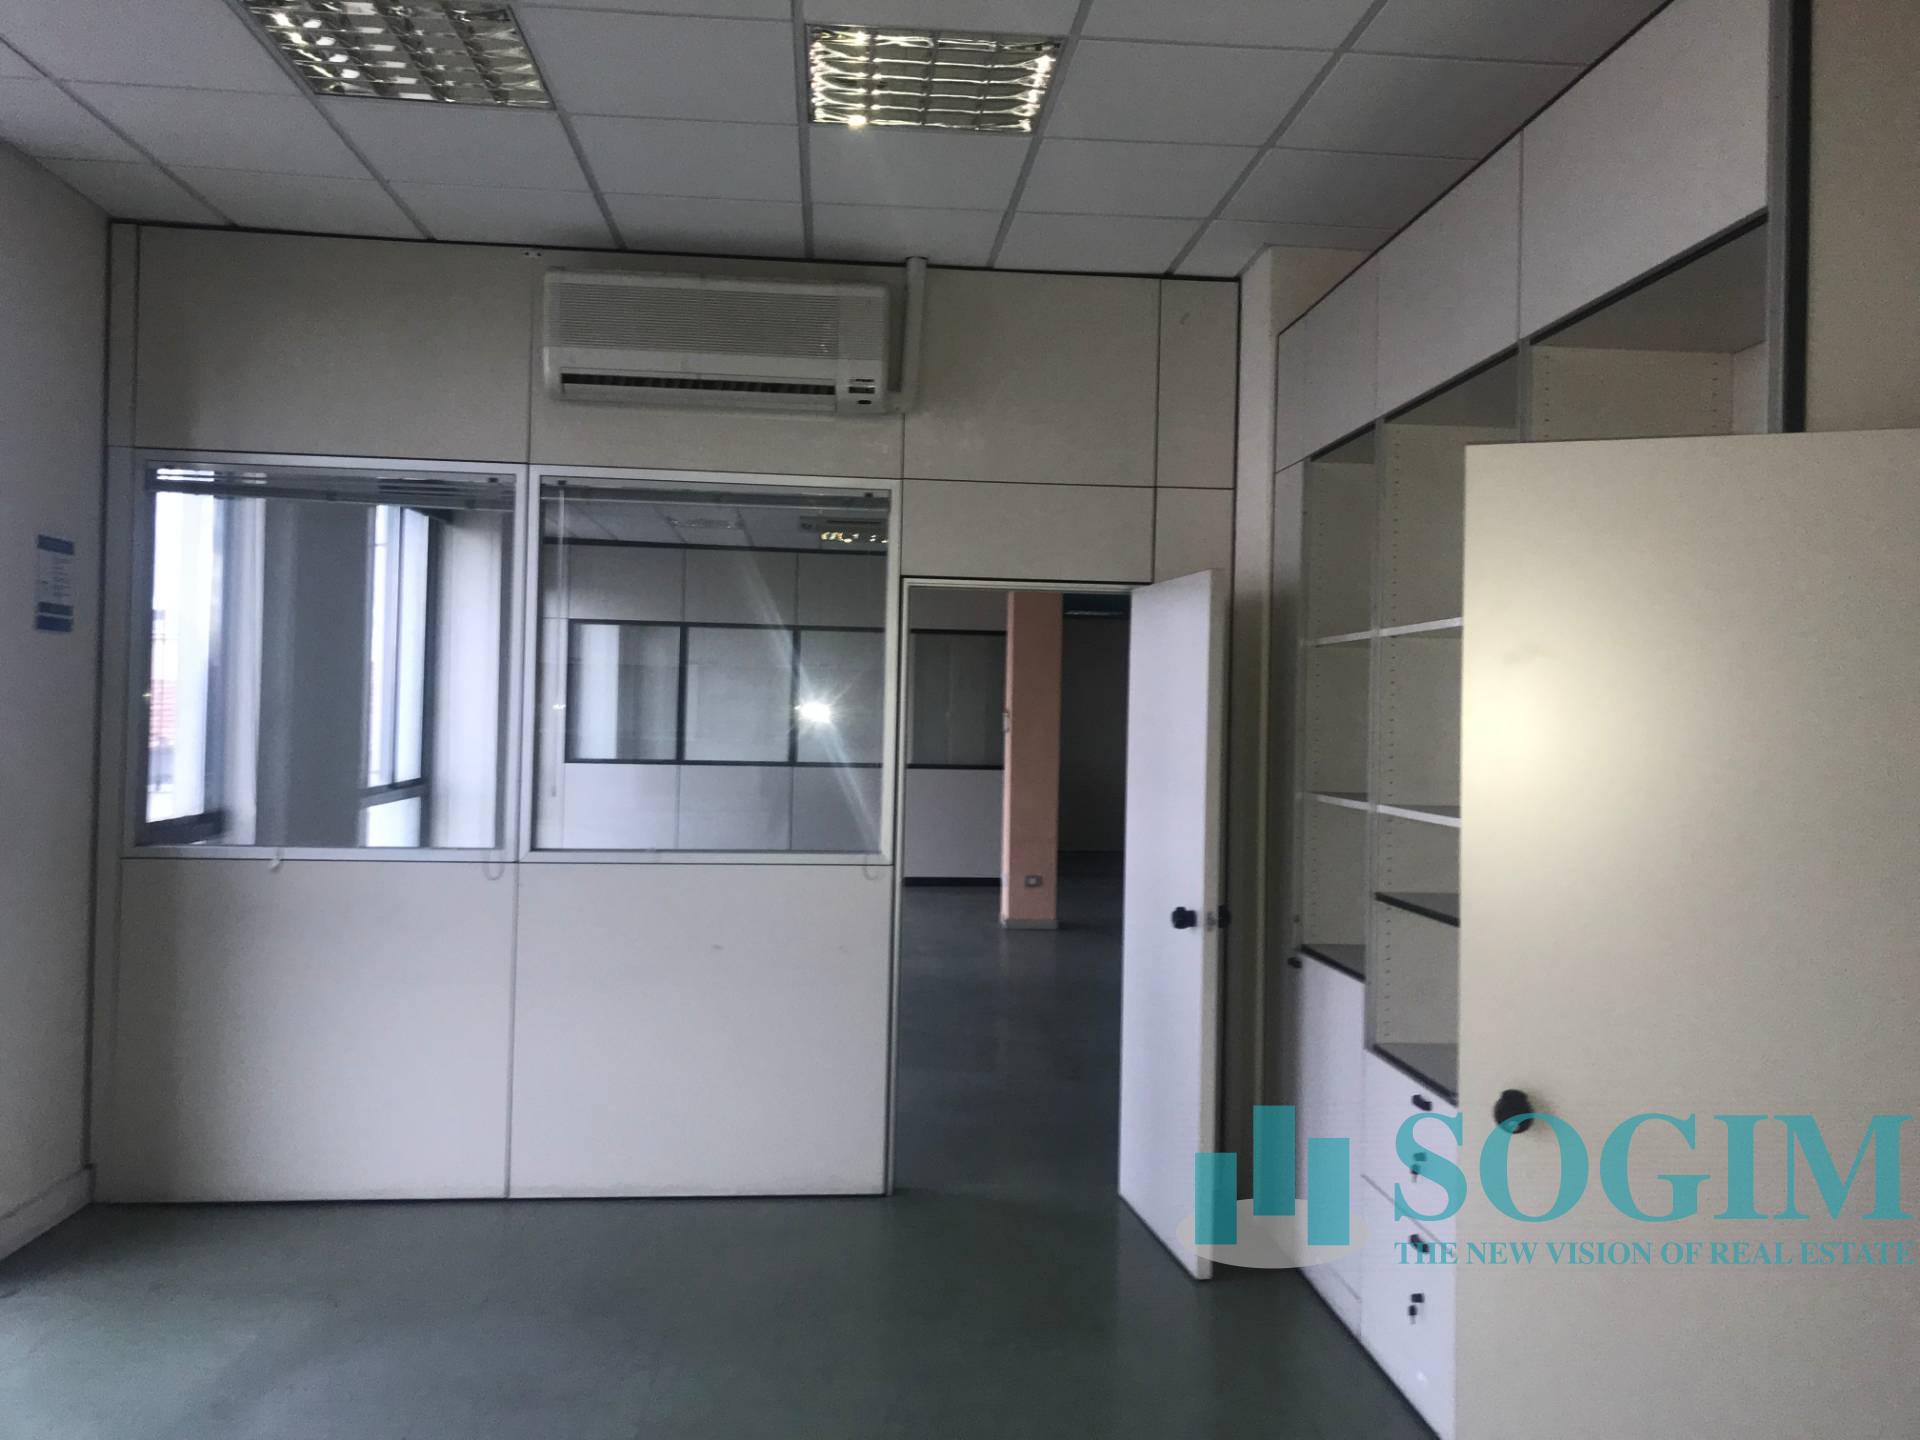 Ufficio in Affitto a Lissone  rif. 9490